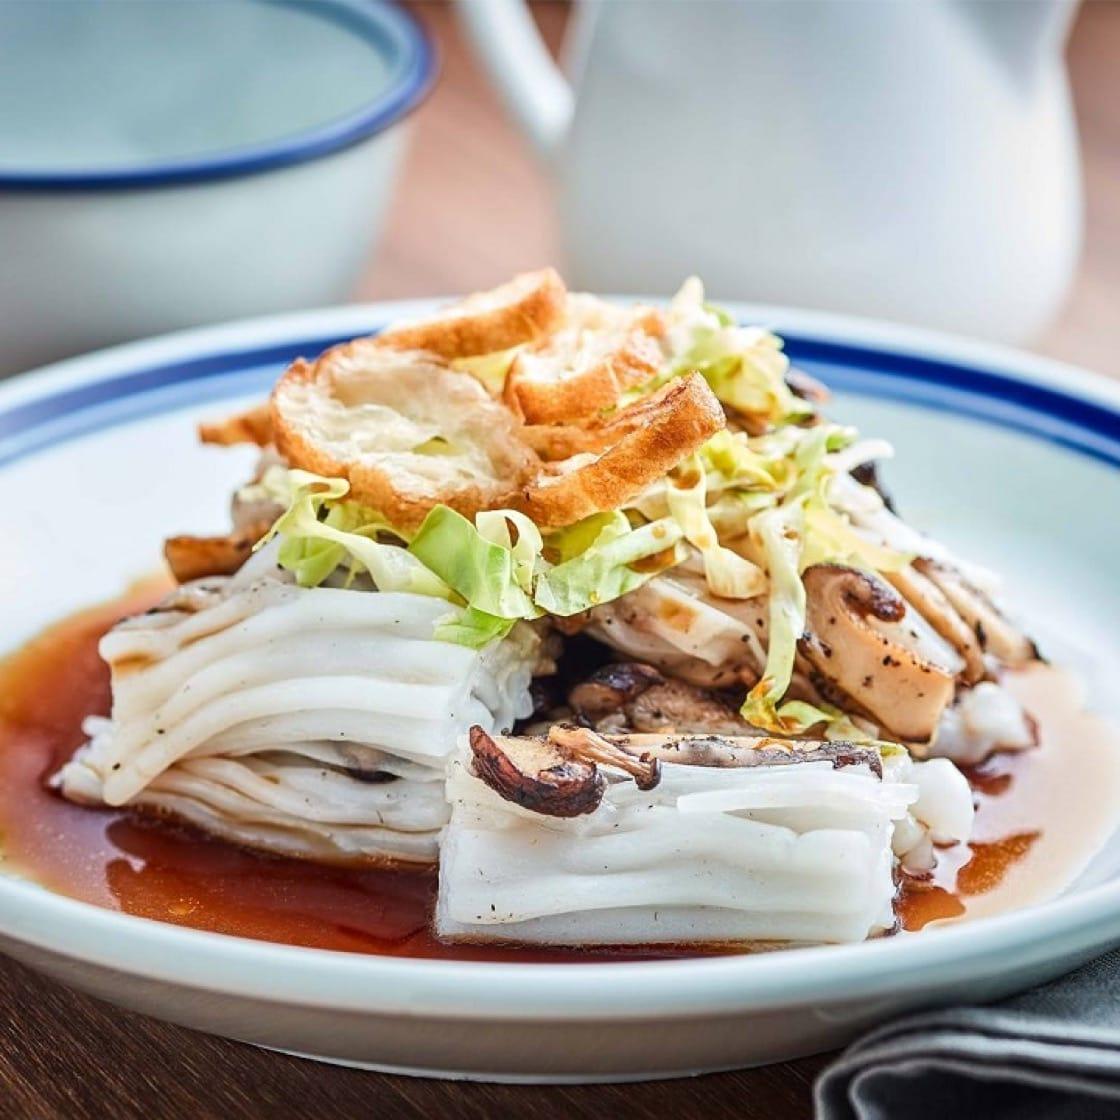 茶·米 x KiKi茶提供各式各樣的亞洲菜式,圖為櫻花蝦蟹肉撈腸粉。(圖片來源:茶·米面書)